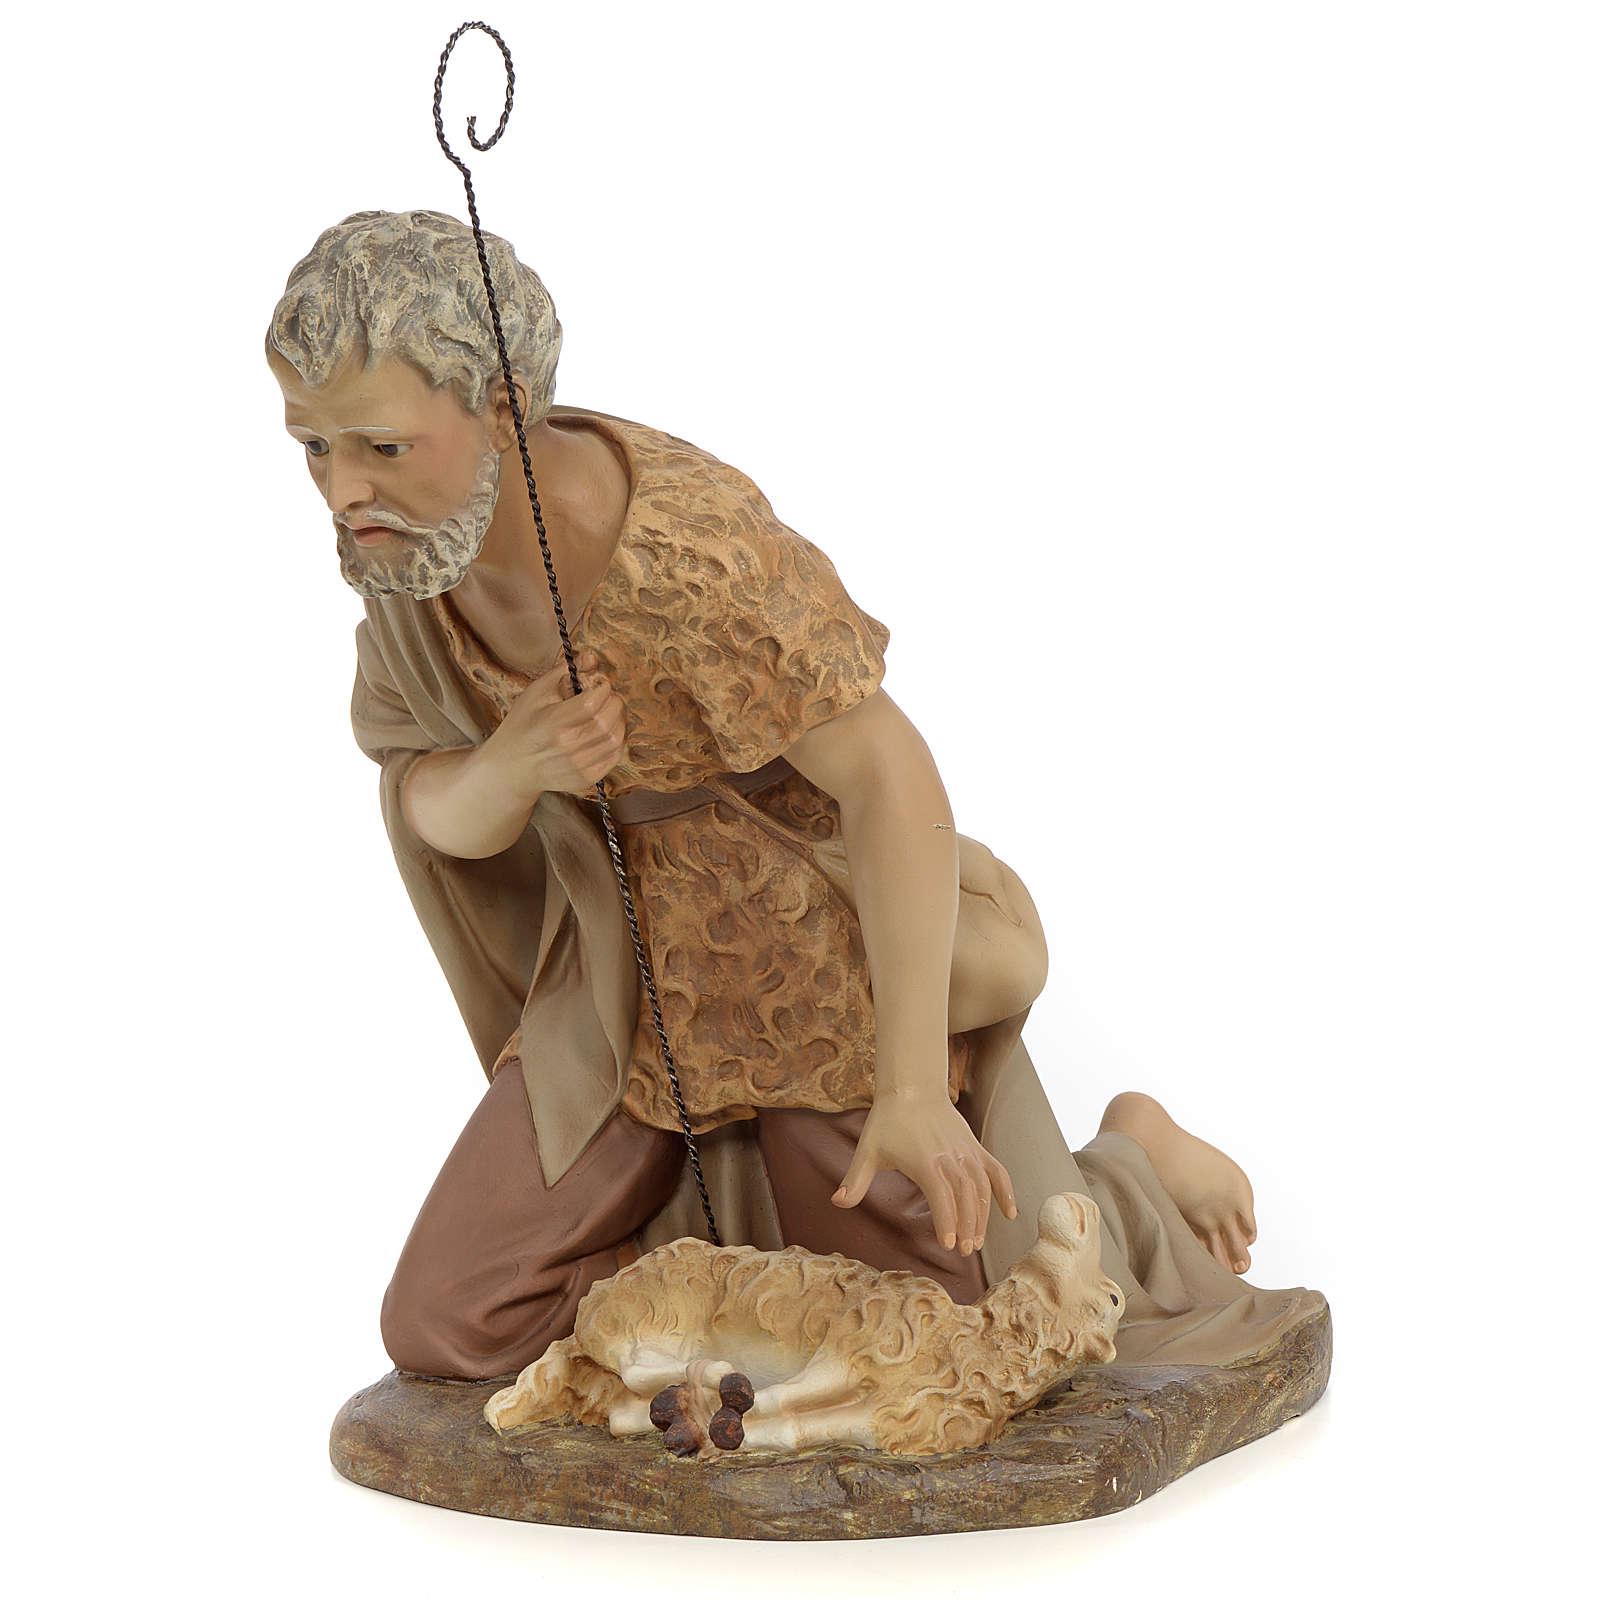 Pastore adorazione 50 cm pasta di legno dec. anticata 3